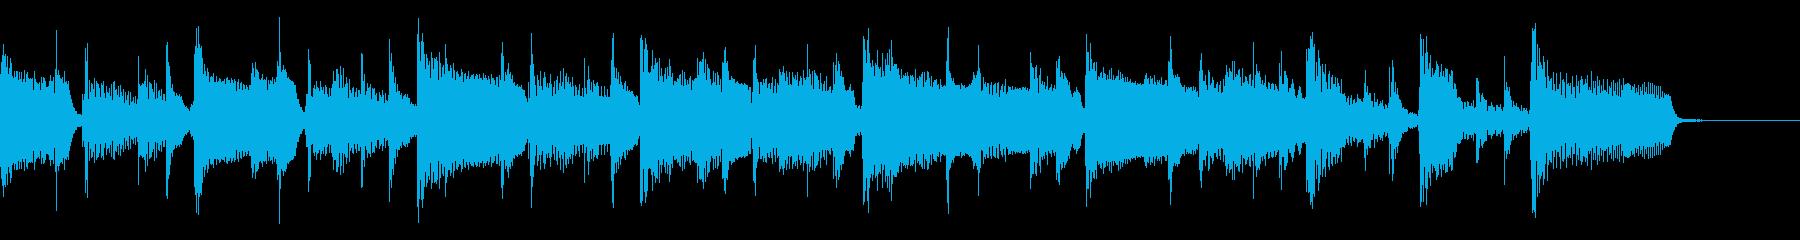 2つ、ミディアムテンポ、リズムギタ...の再生済みの波形